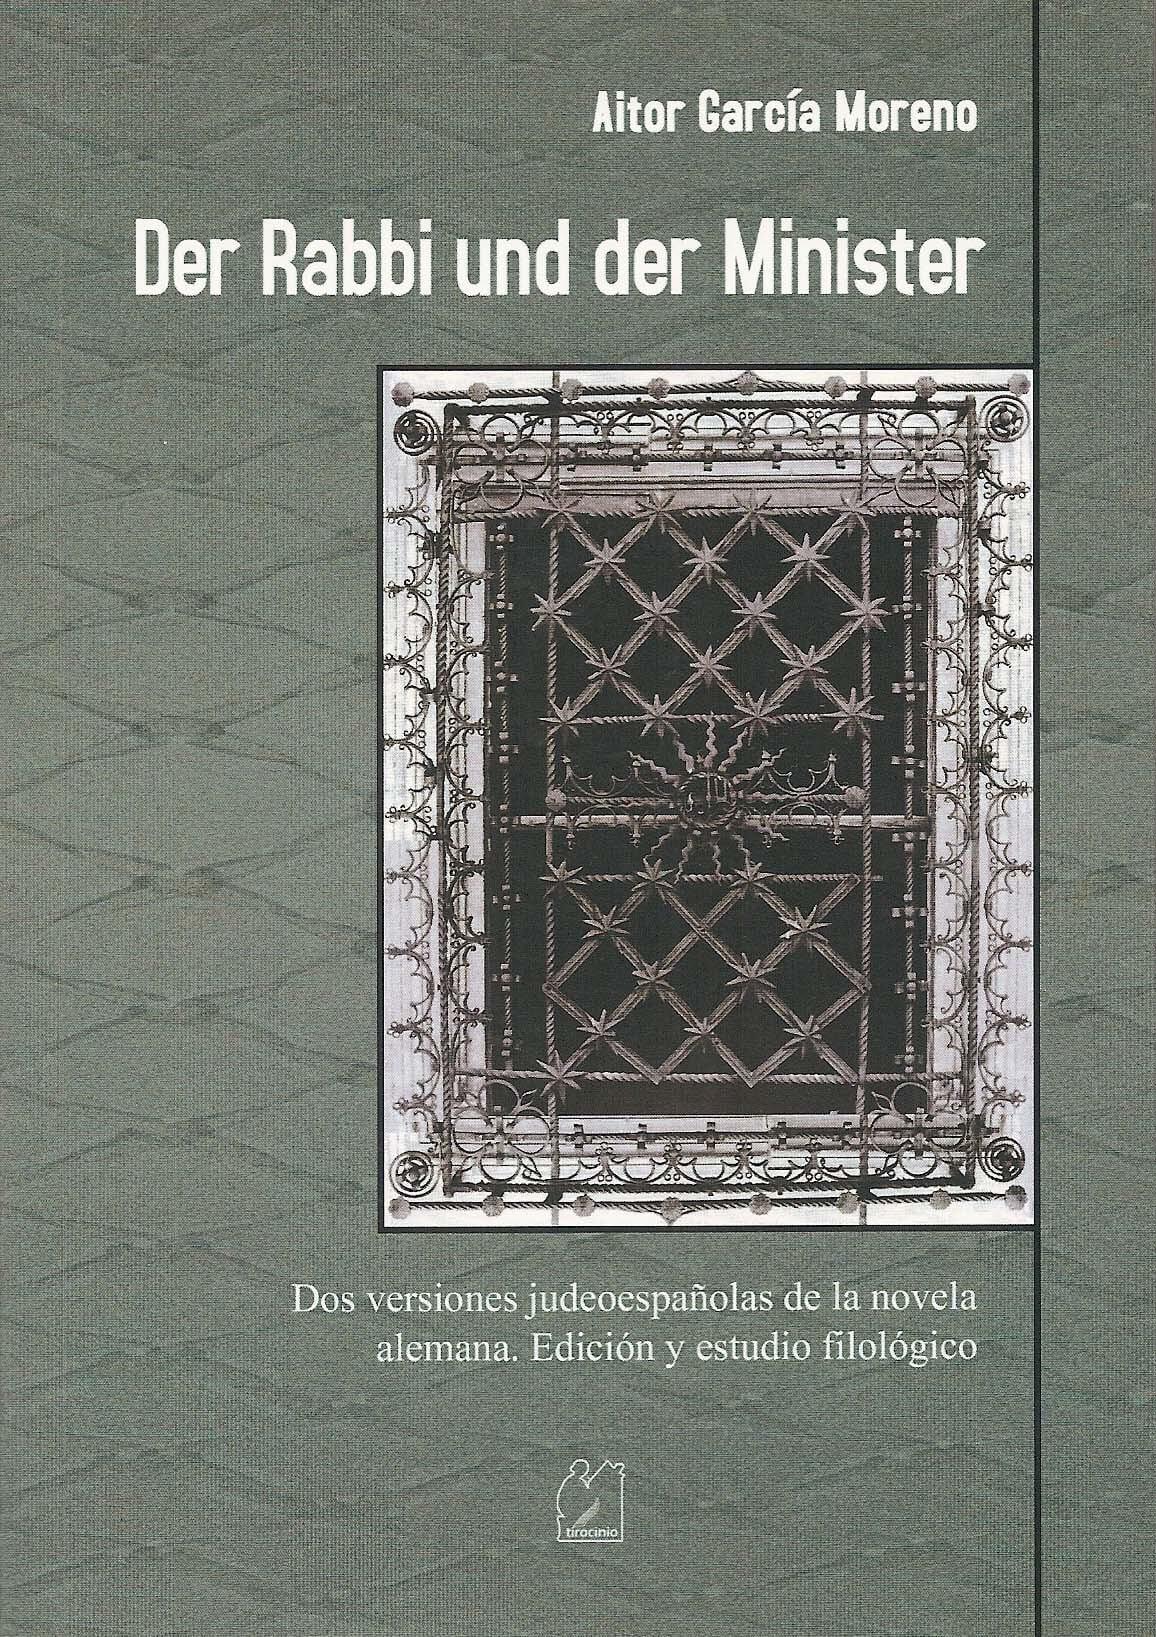 Der Rabbi und der Minister. Dos versiones judeoespañolas de la novela alemana